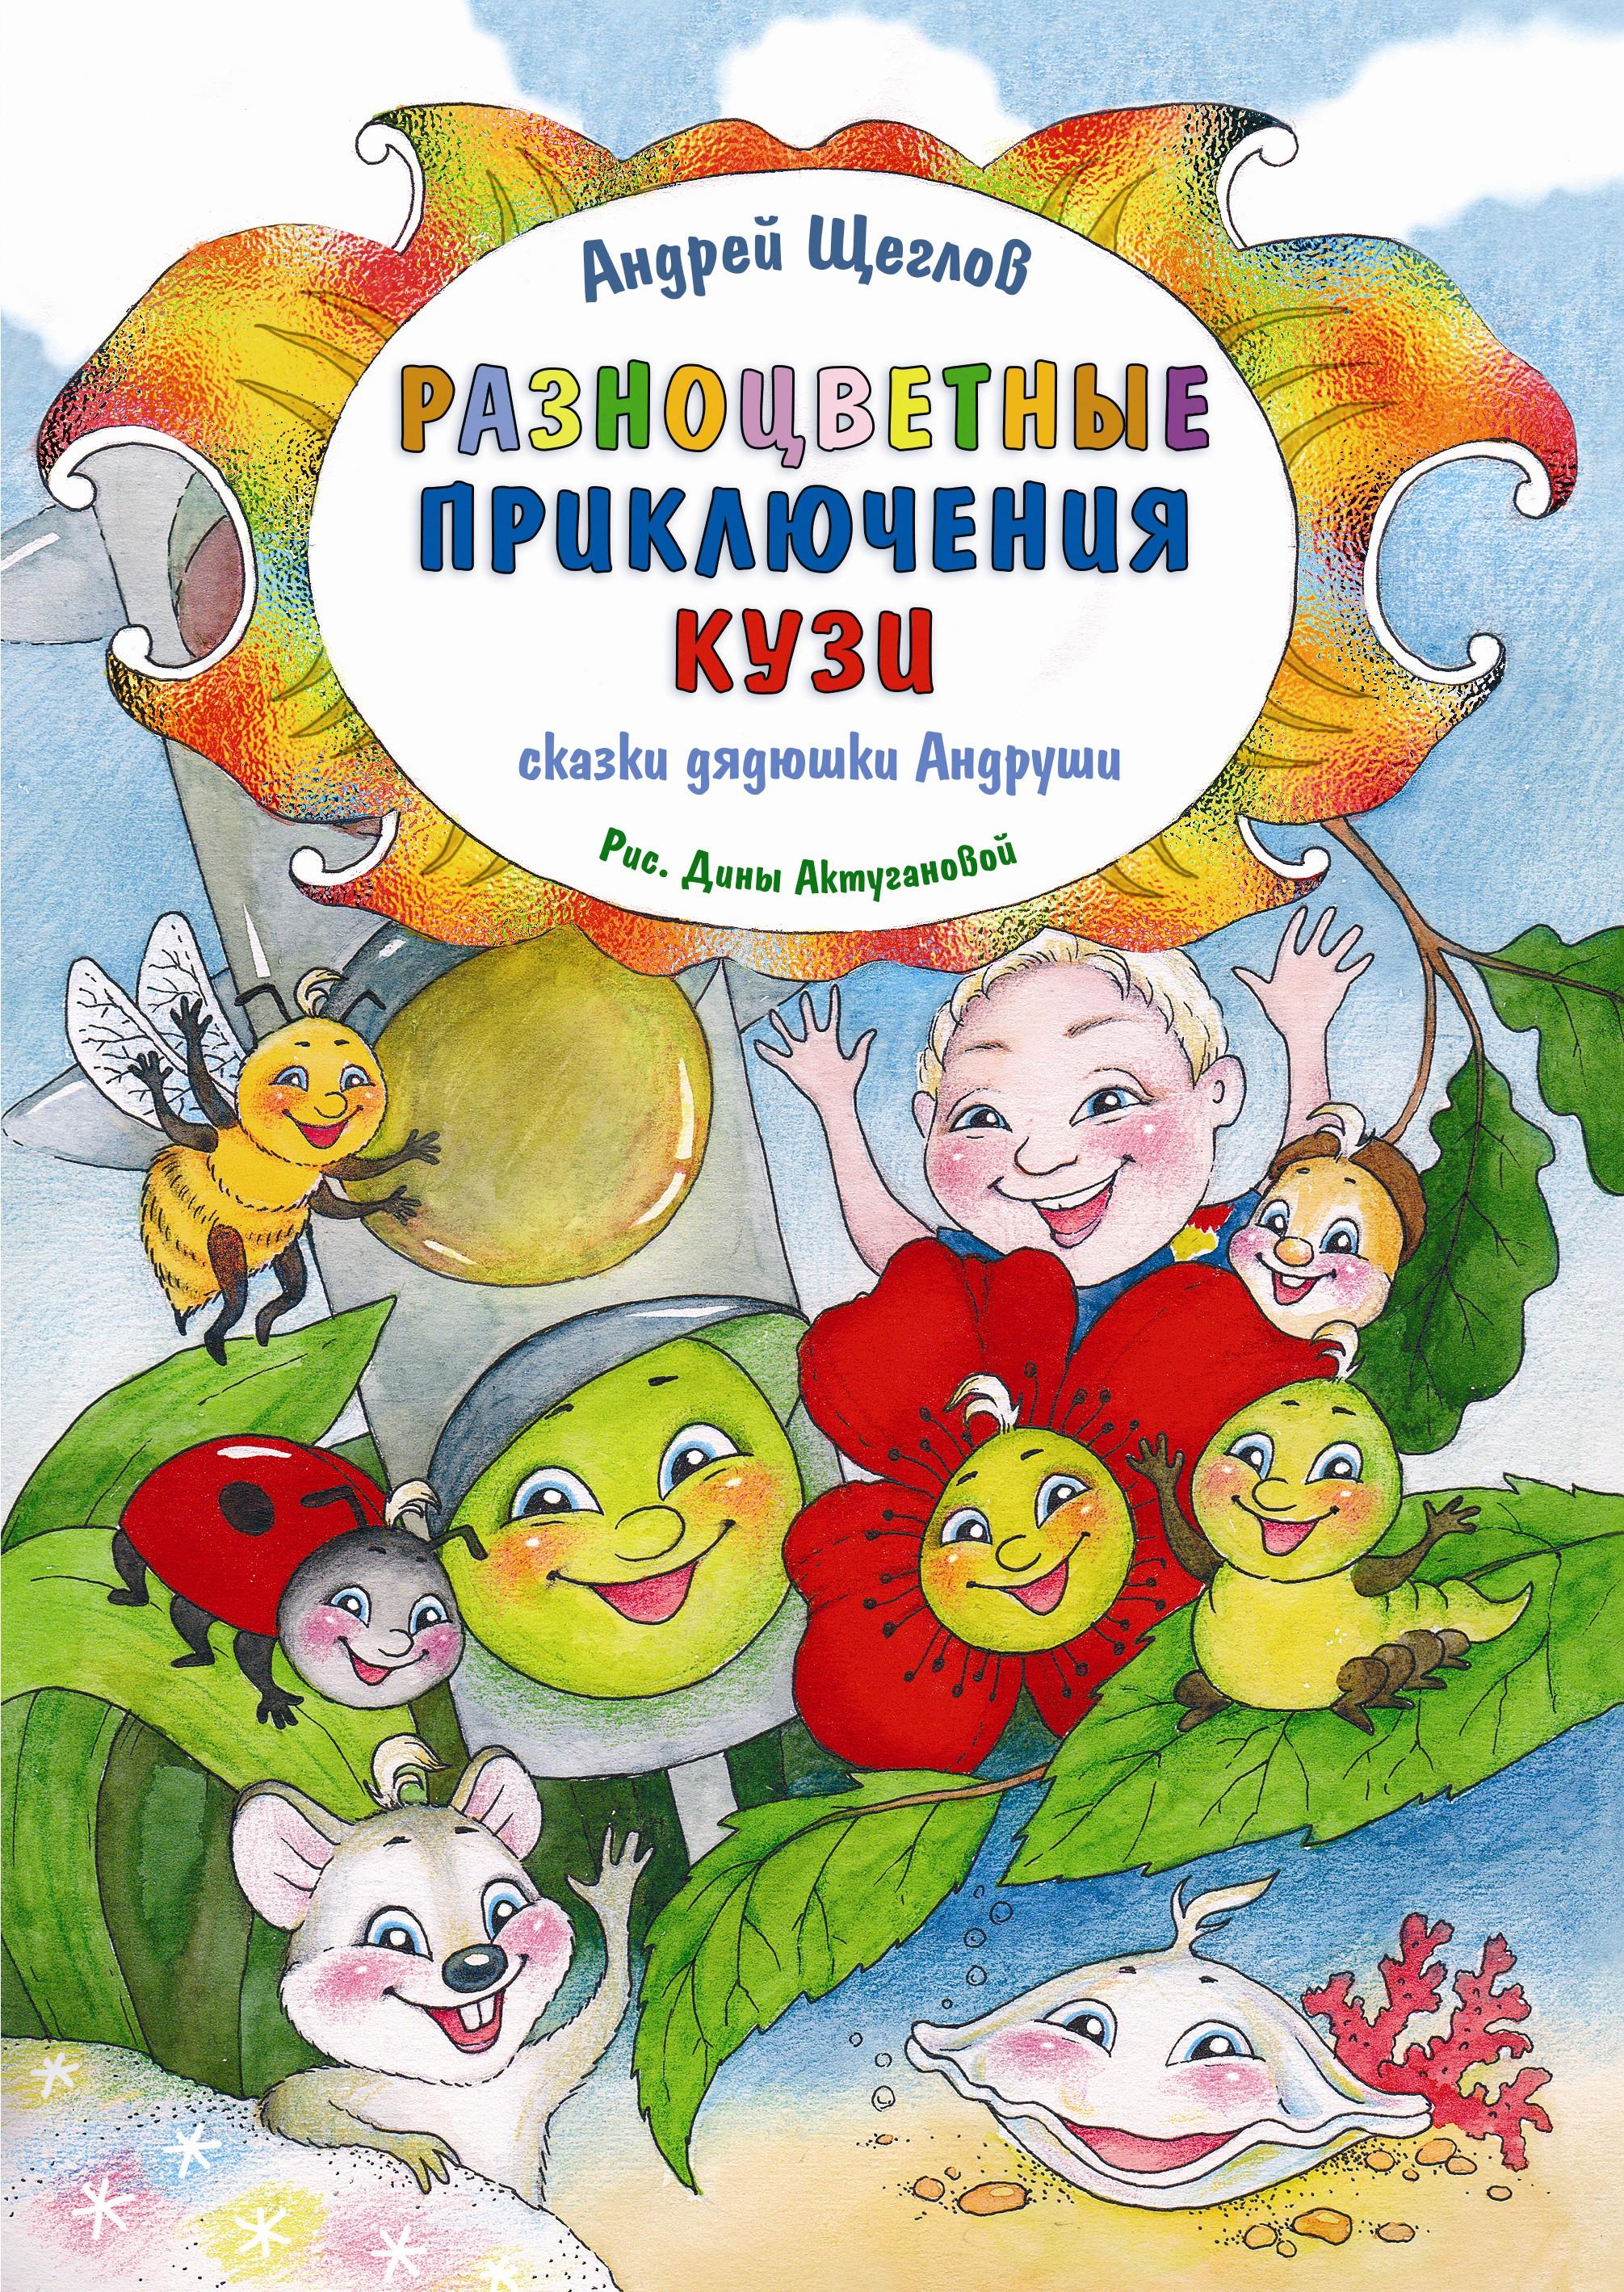 Андрей Щеглов, Разноцветные приключения Кузи – читать онлайн ... 3d1fb4501d5